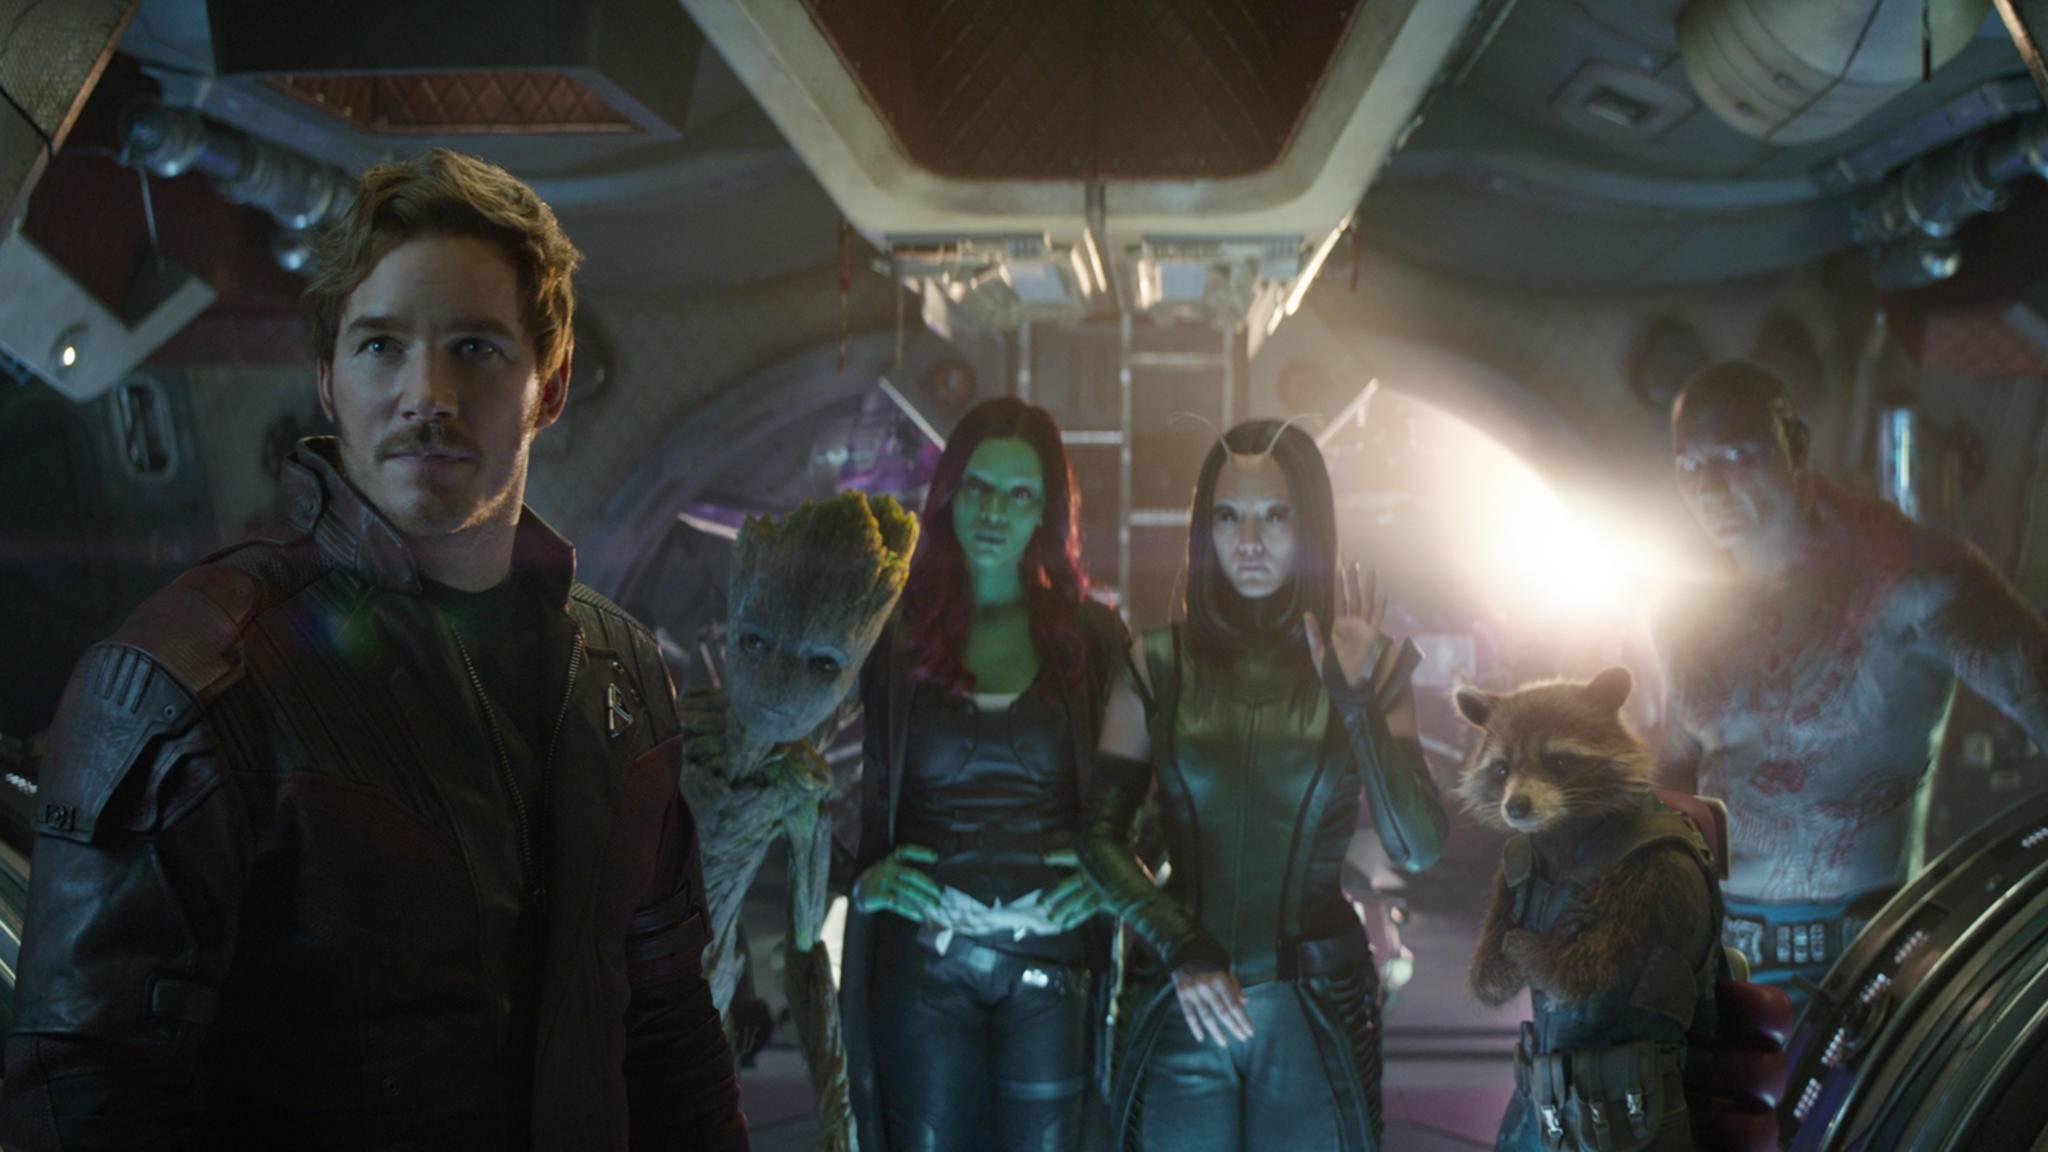 Neue Aufgaben erfordern neue Allianzen – das gilt auch für die Guardians im Kampf gegen Thanos.